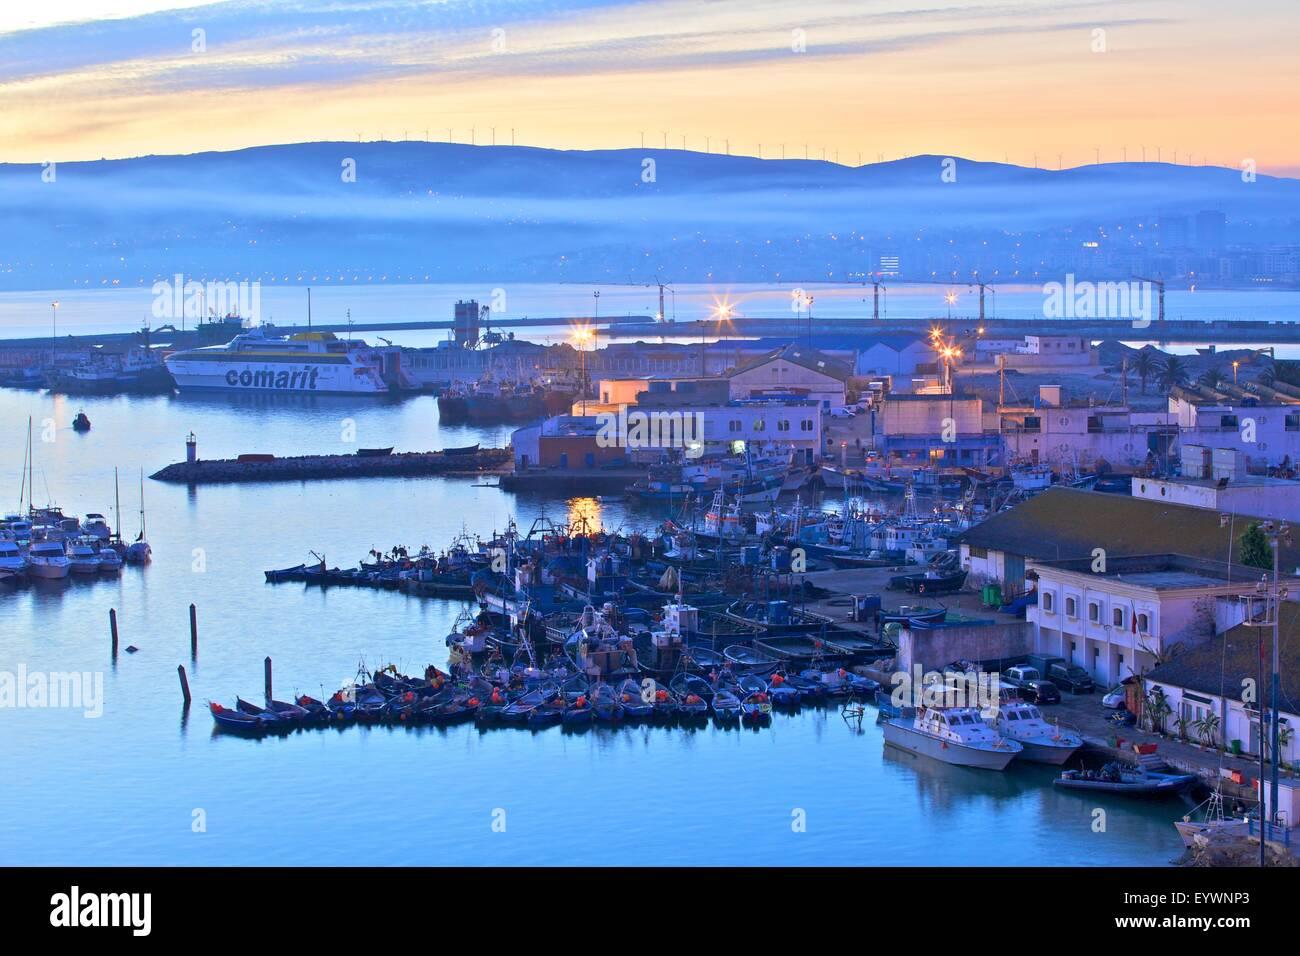 Der Hafen von Dämmerung, Tanger, Marokko, Nordafrika, Afrika Stockbild